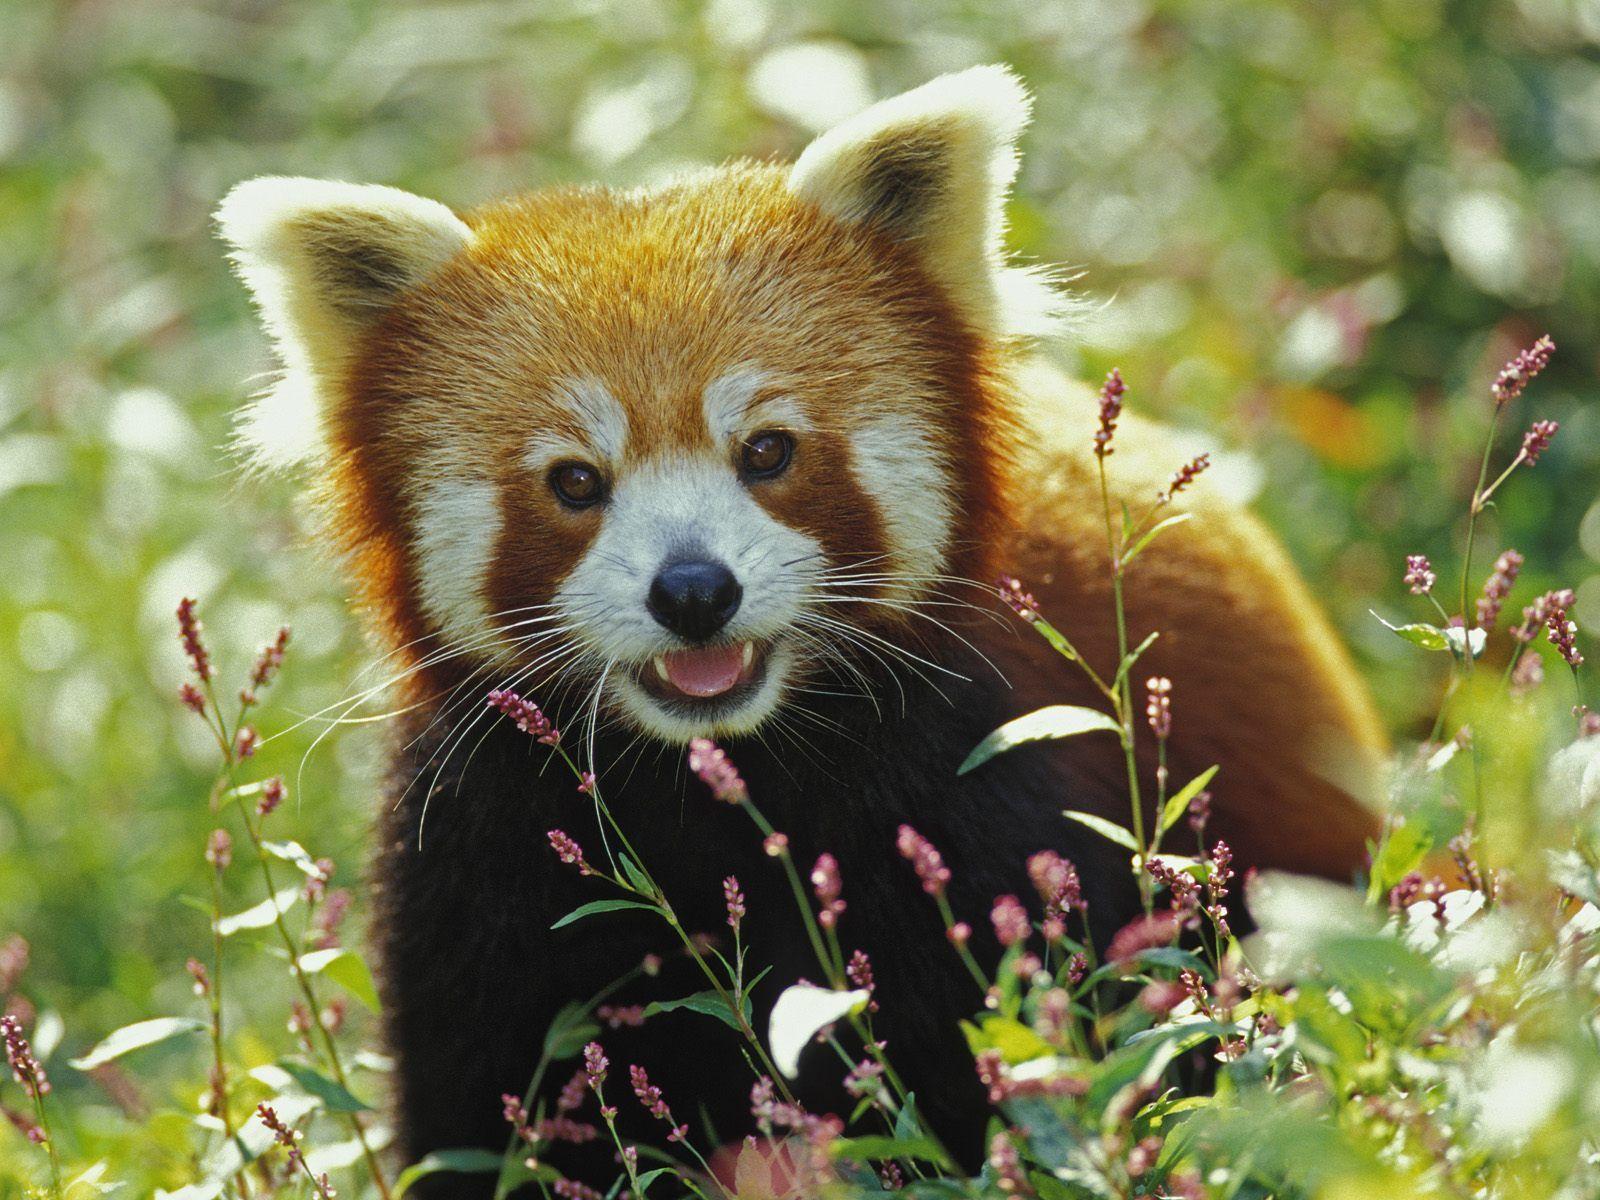 Cloroc Bleach: Red Panda